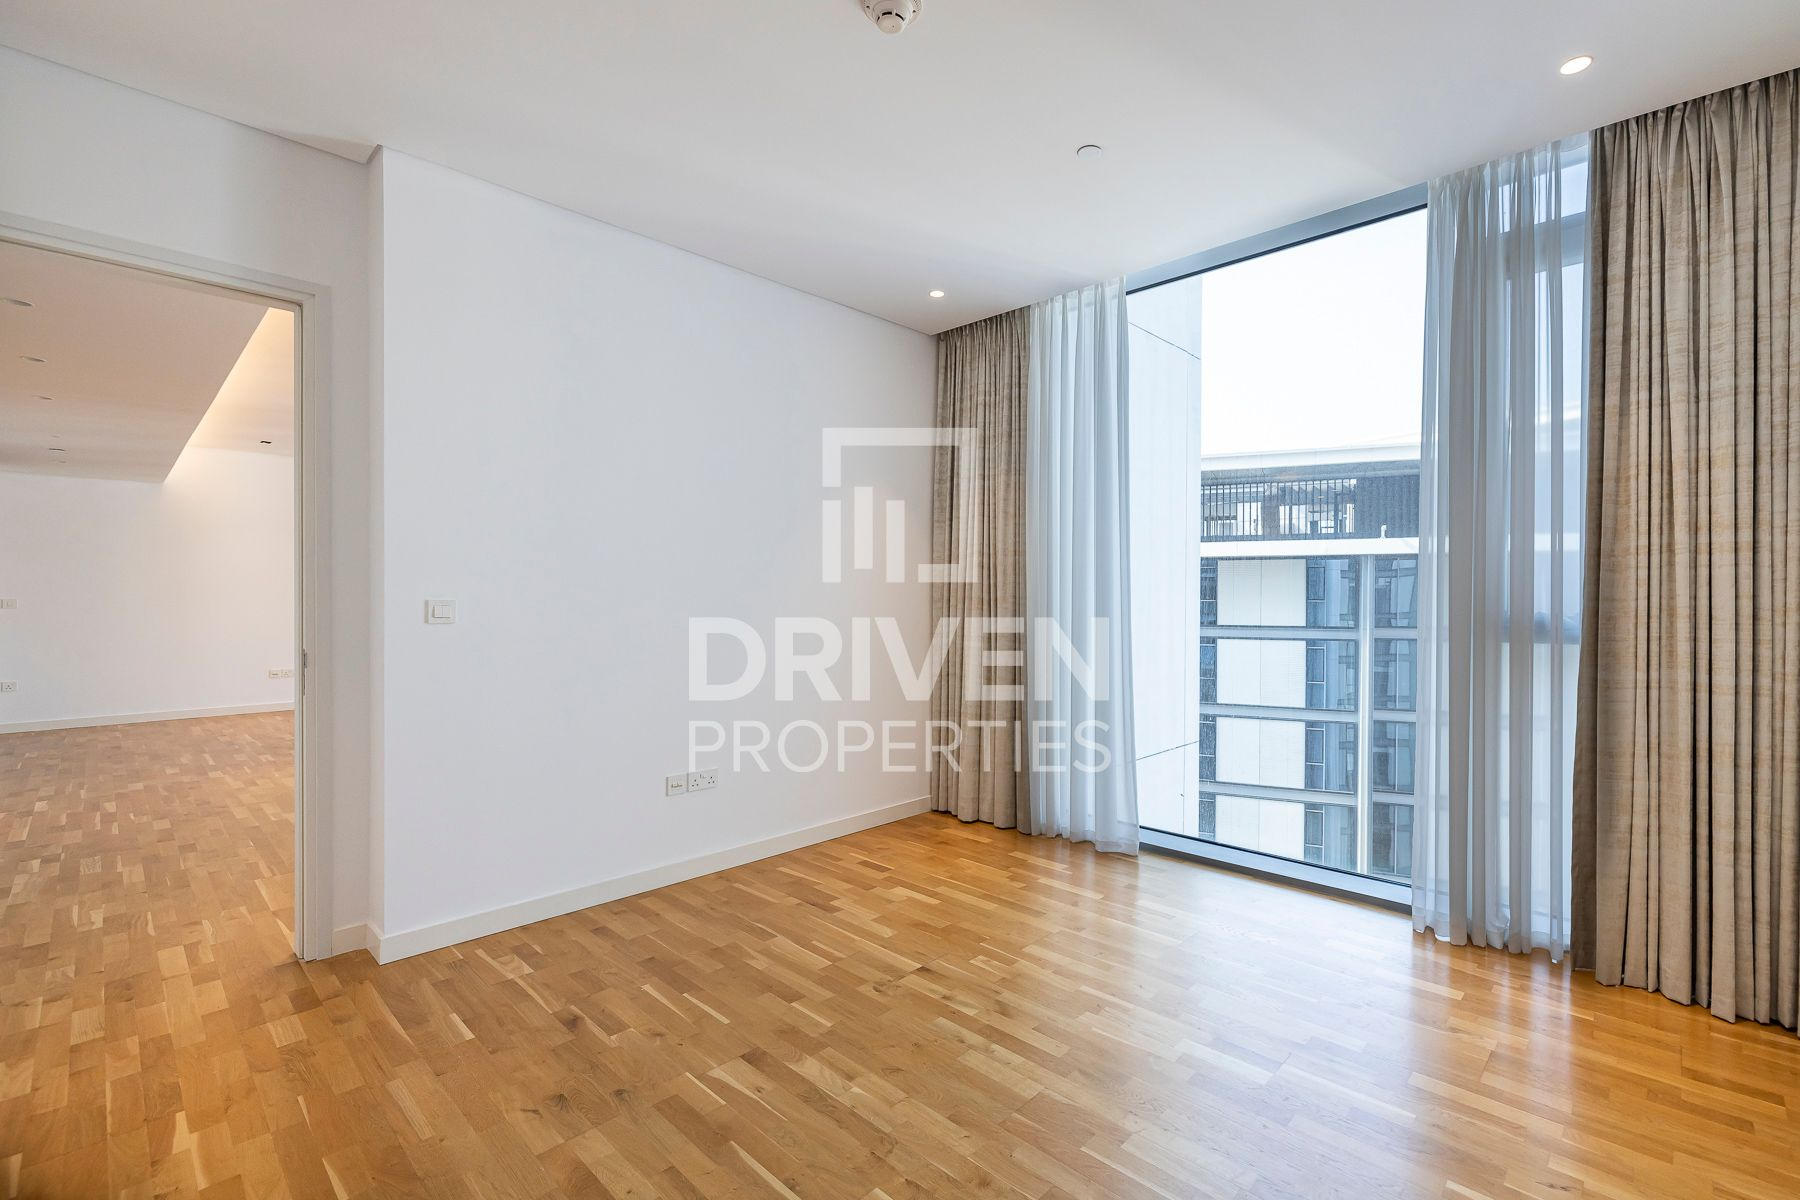 للبيع - شقة - 9 شقة بناية - بلوواترز